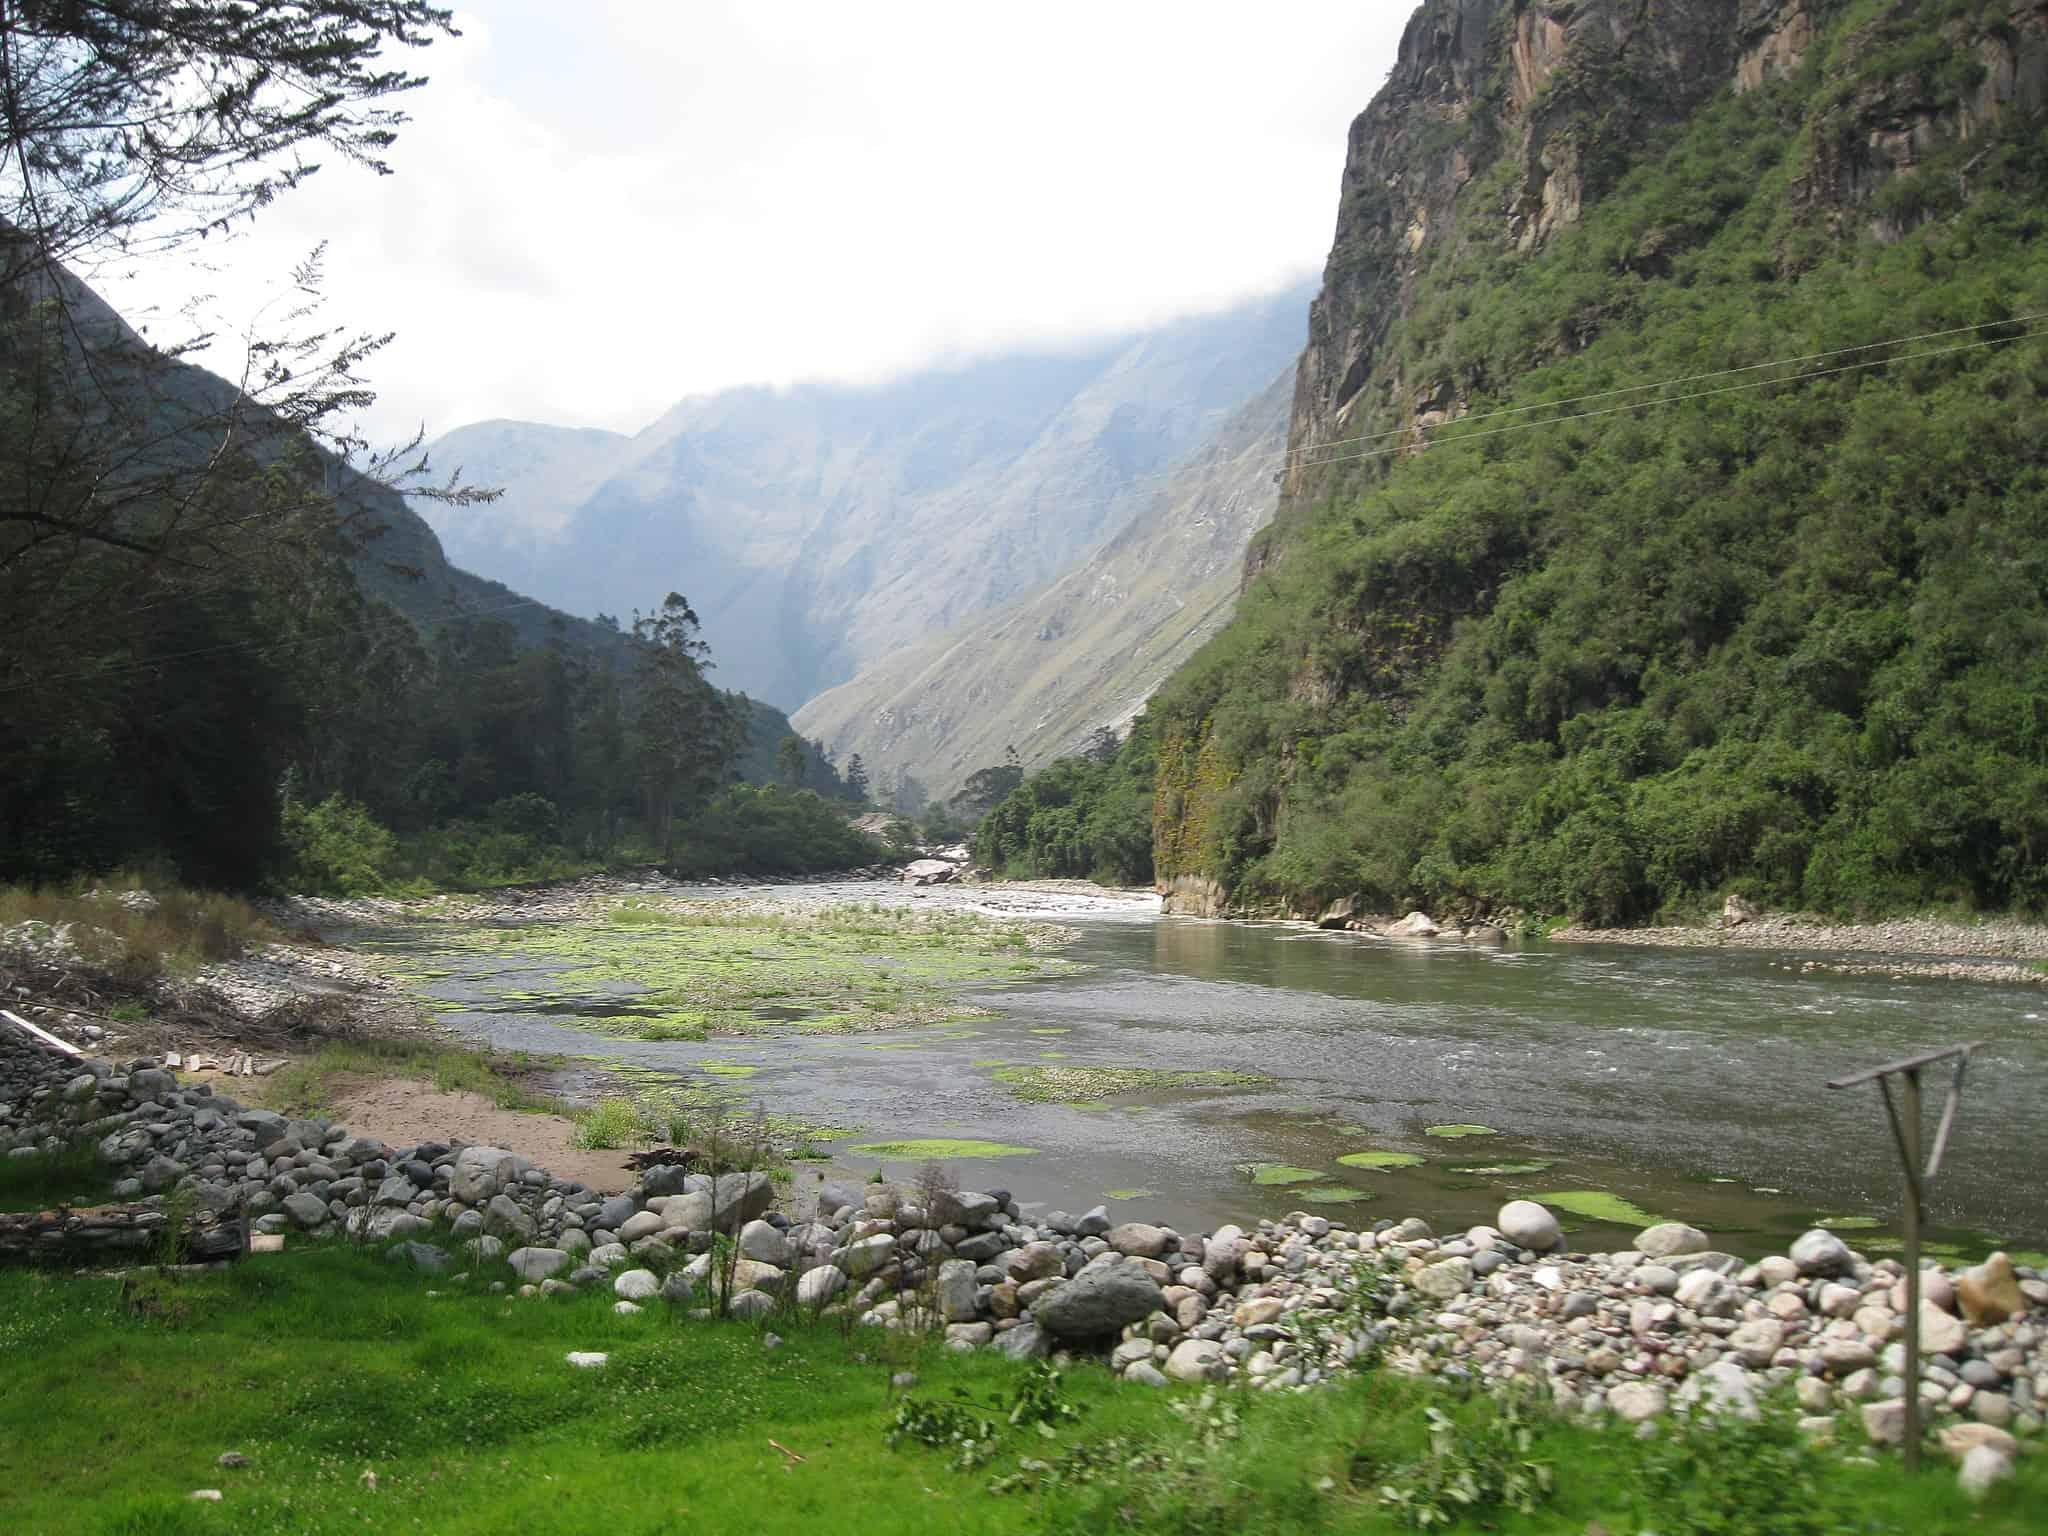 donde queda machu picchu - rio urubamba